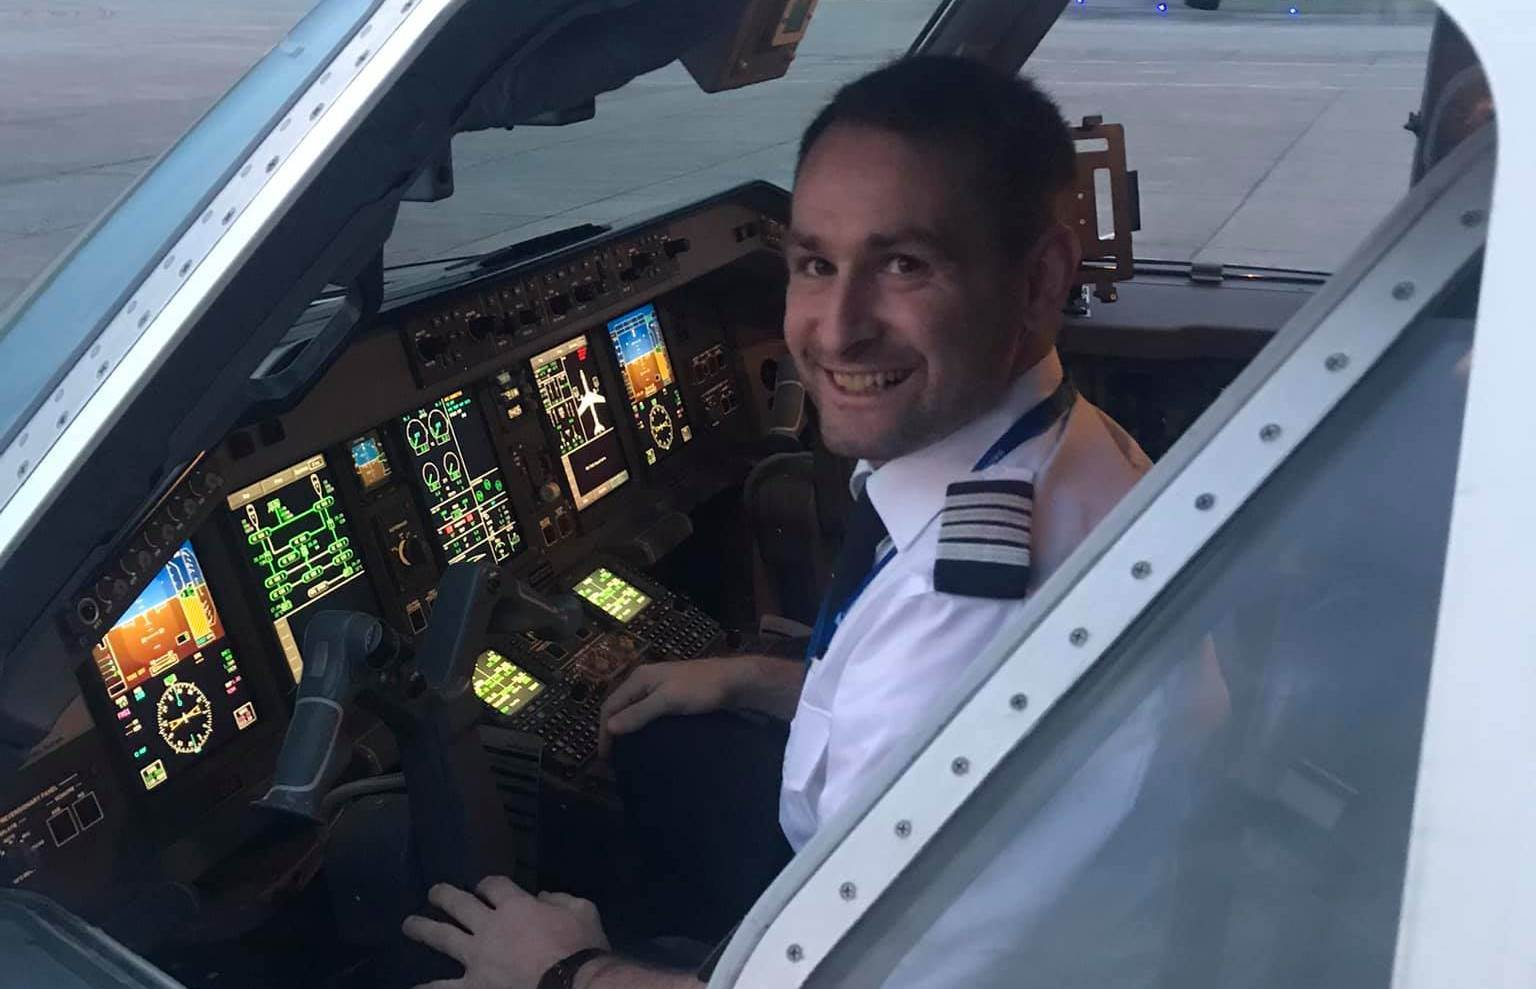 Thomas Hugo Møller, flykaptajn og adm. direktør i Great Dane Airlines. (Foto: Peter Christian Bühlmann Jensen)